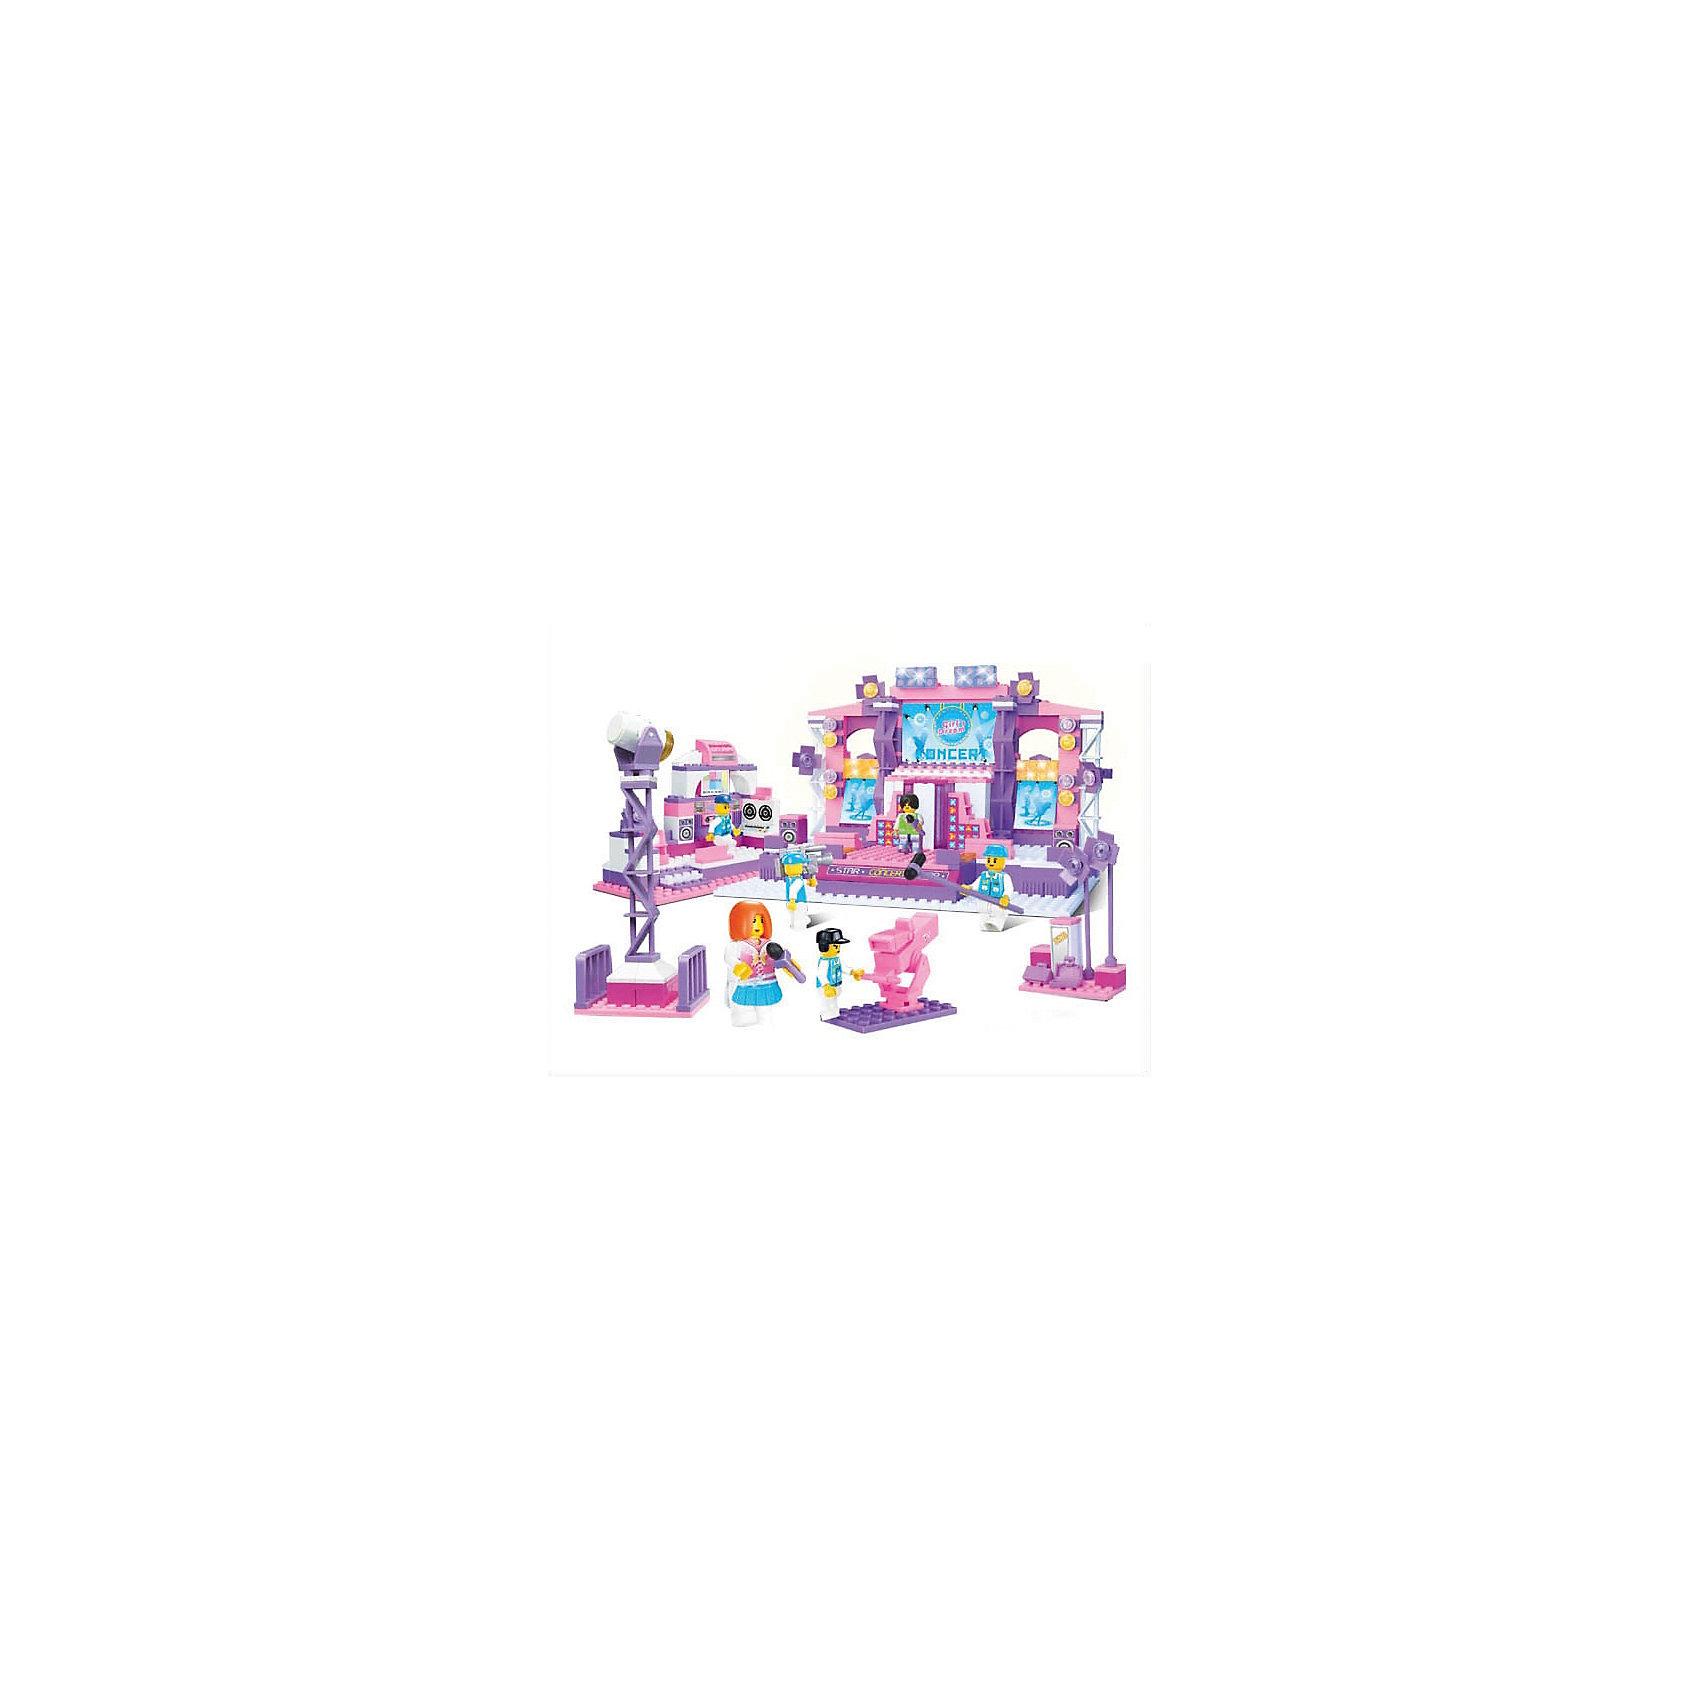 Конструктор Розовая мечта: Звёздный концерт, 430 деталей, SlubanКонструктор Розовая мечта: Звёздный концерт, 430 деталей, Sluban (Слубан)<br><br>Характеристики:<br><br>• возраст: от 6 лет<br>• сцена и телевизионная площадка из конструктора<br>• количество деталей: 430<br>• количество фигурок: 6<br>• материал: пластик<br>• размер упаковки:6х32,5х43 см<br>• вес: 1380 грамм<br><br>Конструктор Розовая мечта: Звёздный концерт от Sluban состоит из 6 фигурок и 430 деталей. Из них можно собрать сцену, телевизионную площадку, а потом устроить грандиозный концерт! Телеведущие и операторы непременно будут освещать это событие. Игра способствует развитию воображения, мелкой моторики и логического мышления.<br><br>Конструктор Розовая мечта: Звёздный концерт, 430 деталей, Sluban (Слубан) вы можете купить в нашем интернет-магазине.<br><br>Ширина мм: 430<br>Глубина мм: 325<br>Высота мм: 60<br>Вес г: 1380<br>Возраст от месяцев: 72<br>Возраст до месяцев: 2147483647<br>Пол: Женский<br>Возраст: Детский<br>SKU: 5453788